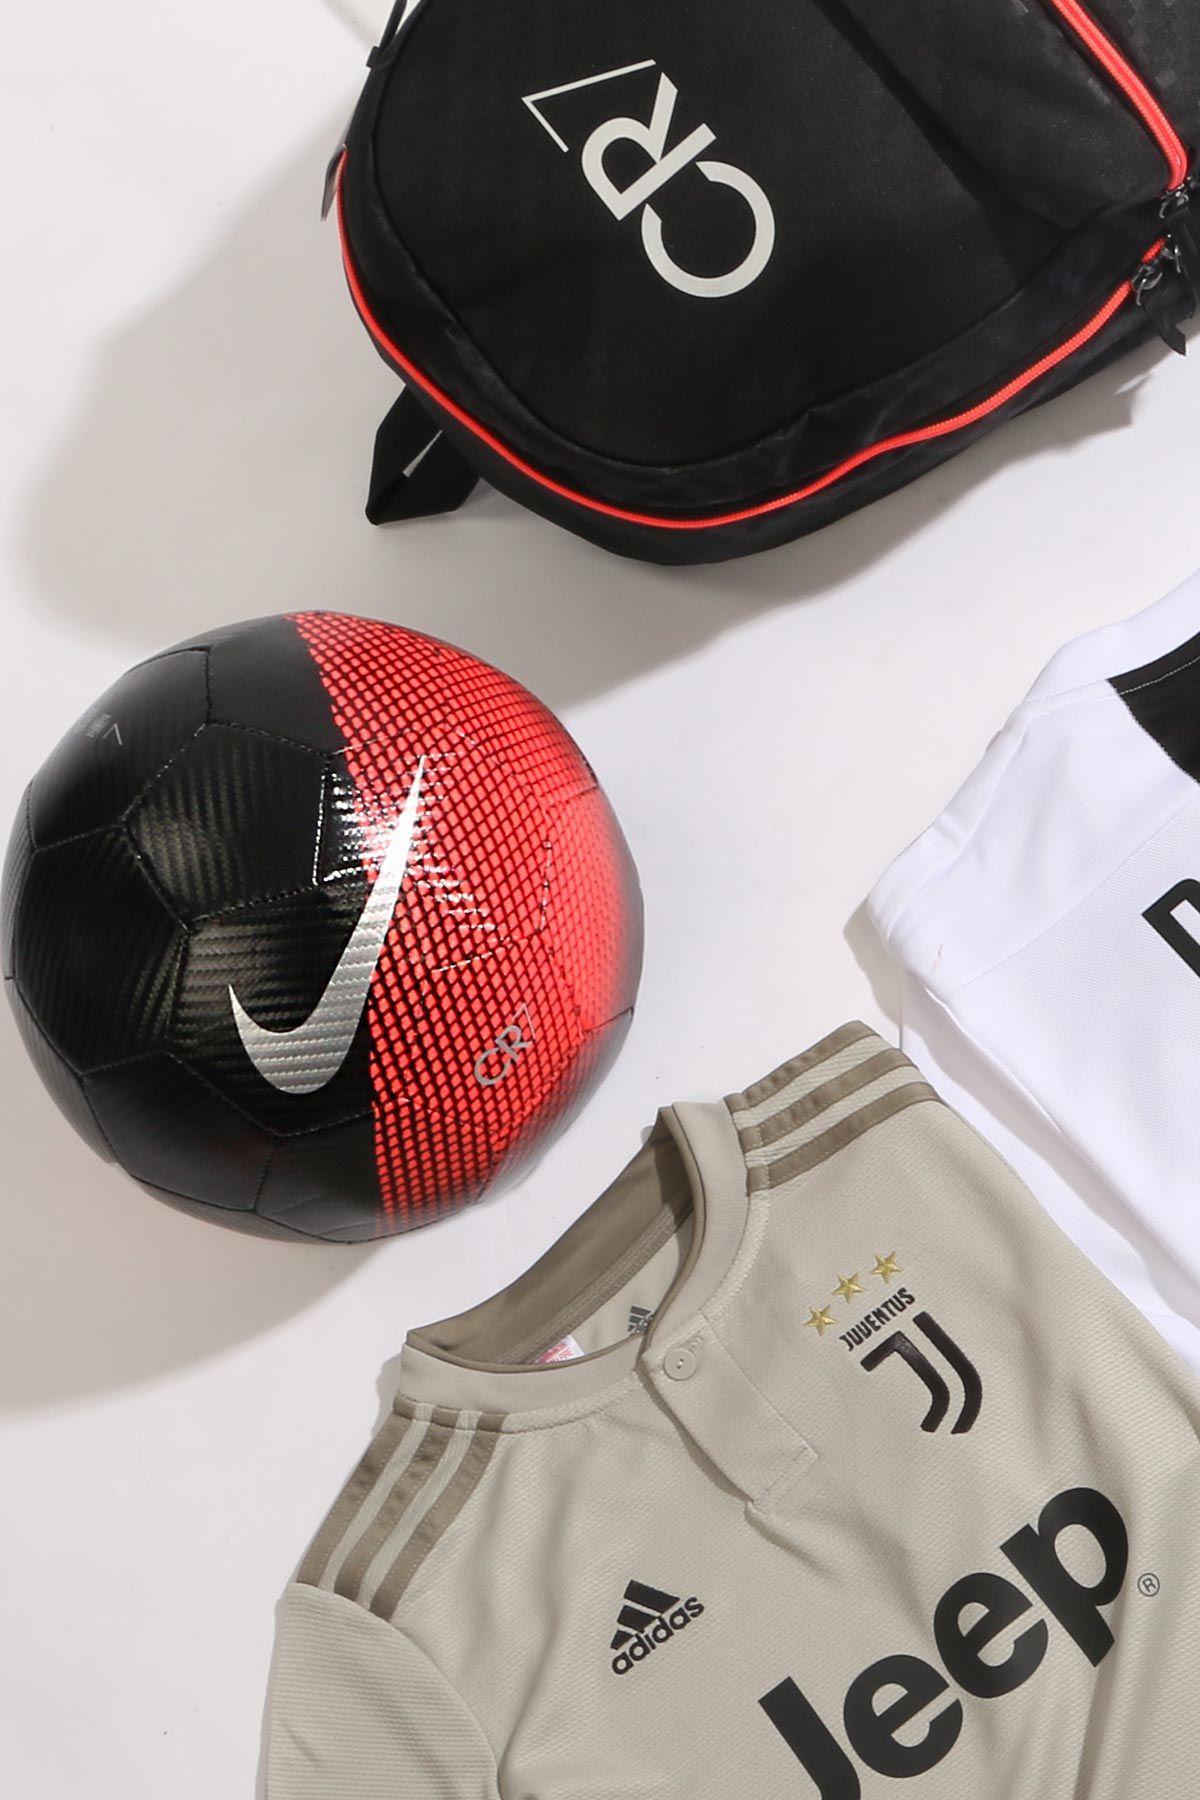 172e2f3f642 Balón Nike Prestige CR7 Talla 5   REBAJAS   Balones nike, Balón de ...